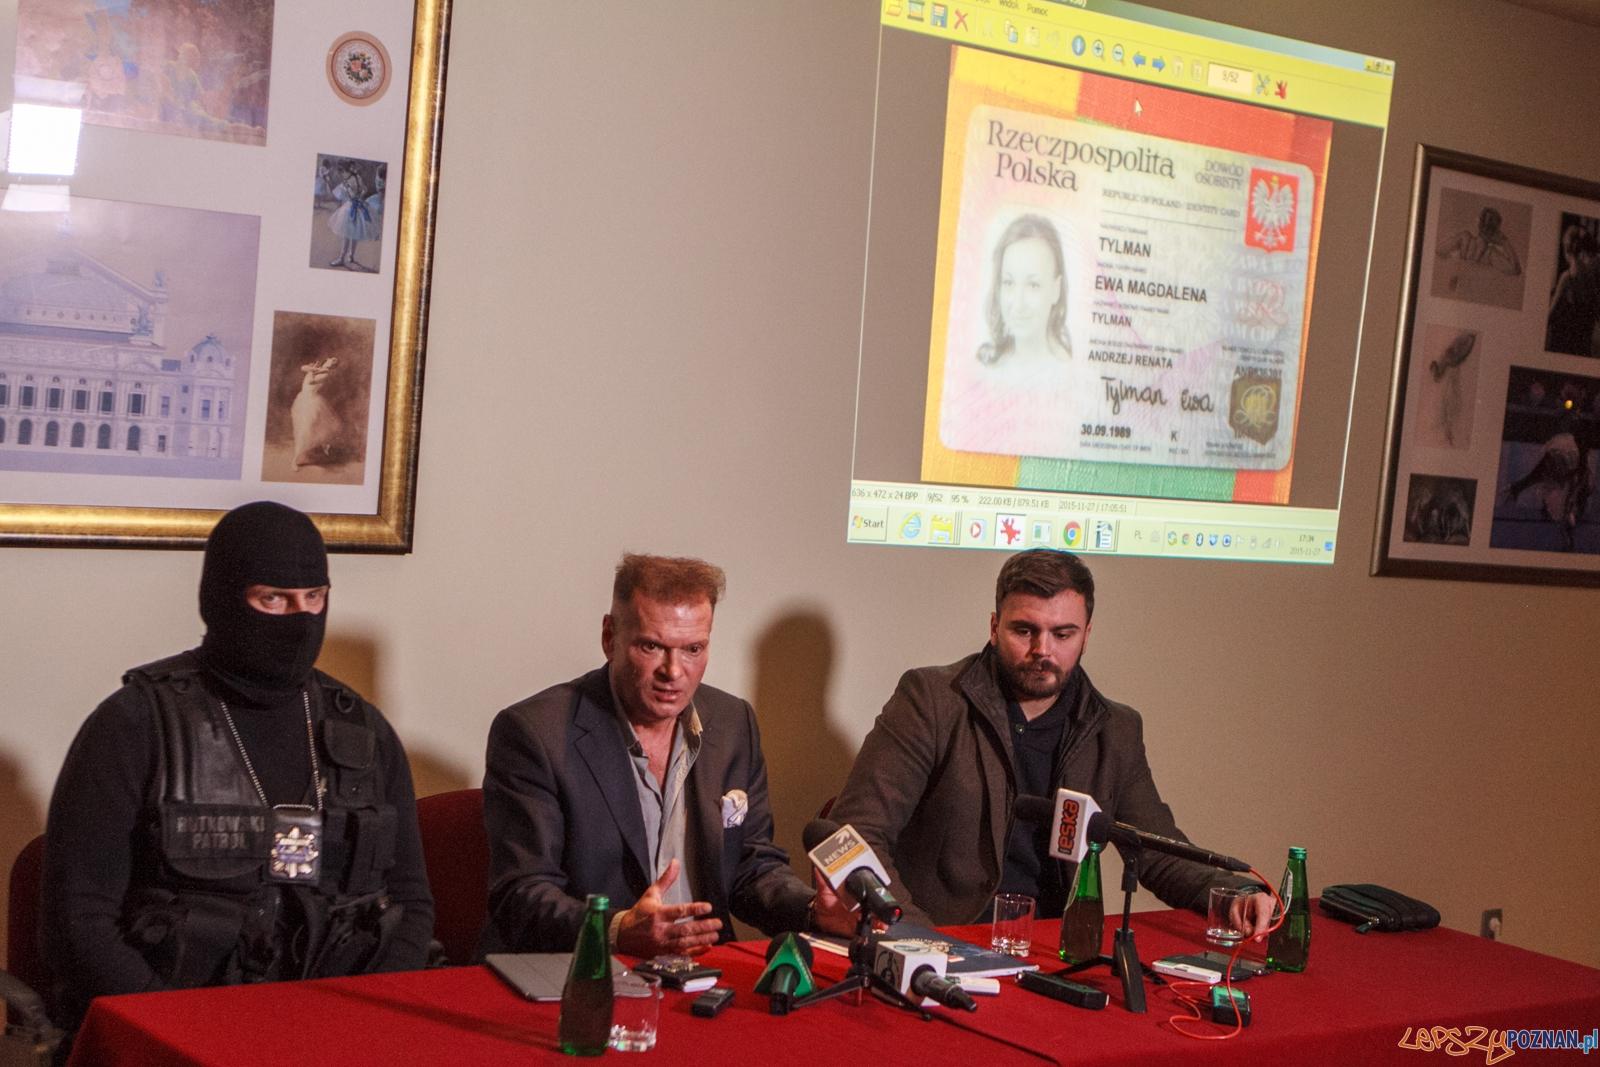 Konferencja w sprawie zaginięcia Ewy Tylman - Poznań 27.11.201  Foto: LepszyPOZNAN.pl / Paweł Rychter